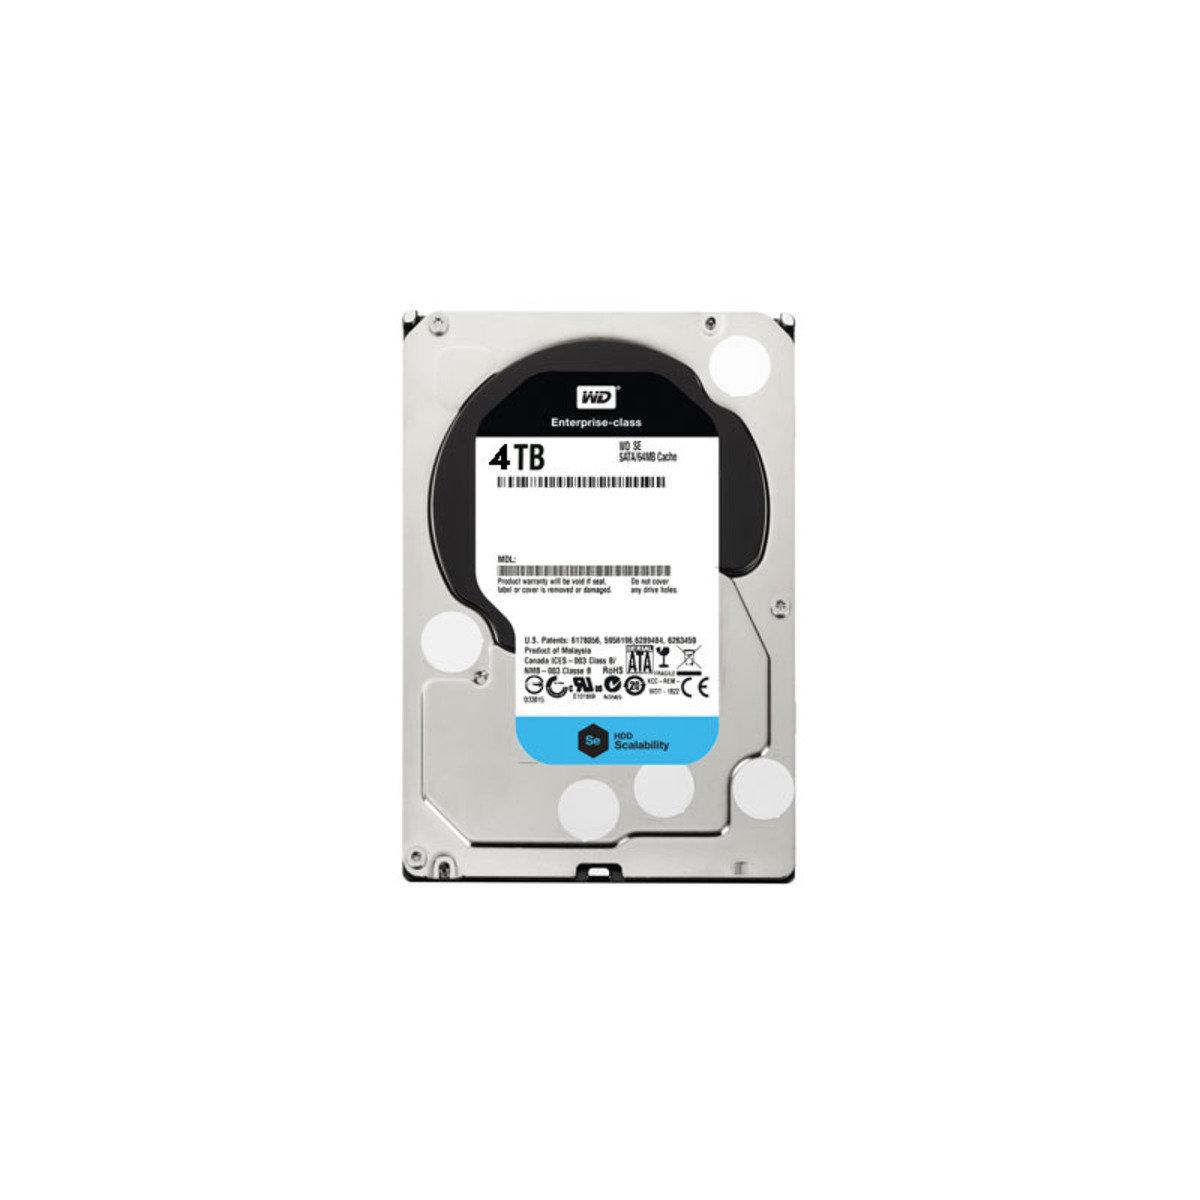 3.5 吋 DataCenter 4TB SATA 內置硬碟 SE WD4000F9YZ